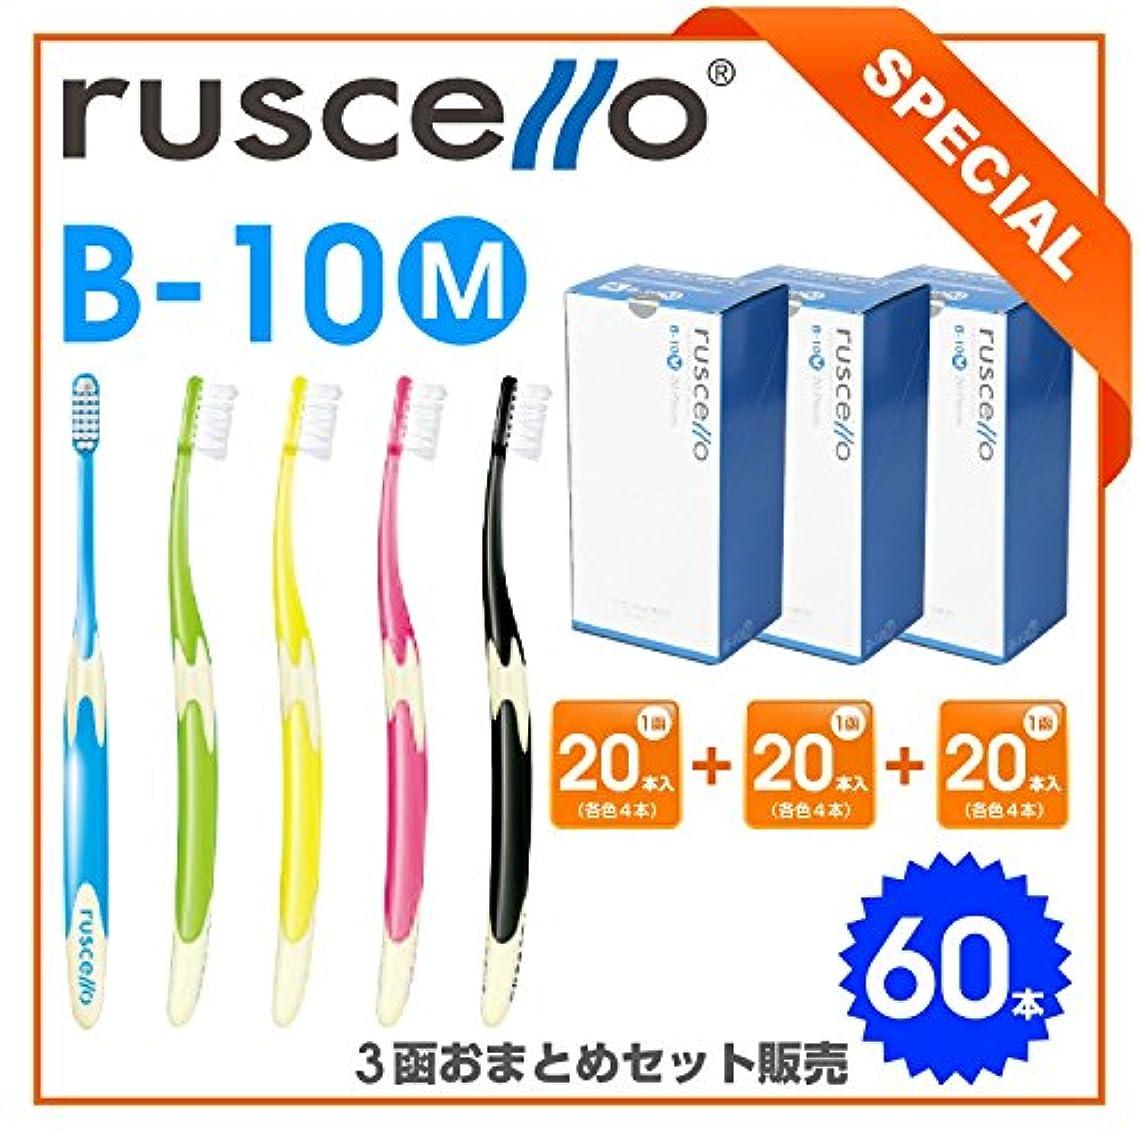 慎重不均一型GC ジーシー ルシェロ歯ブラシ<B-10>M ふつう 1函20本入×3函セット